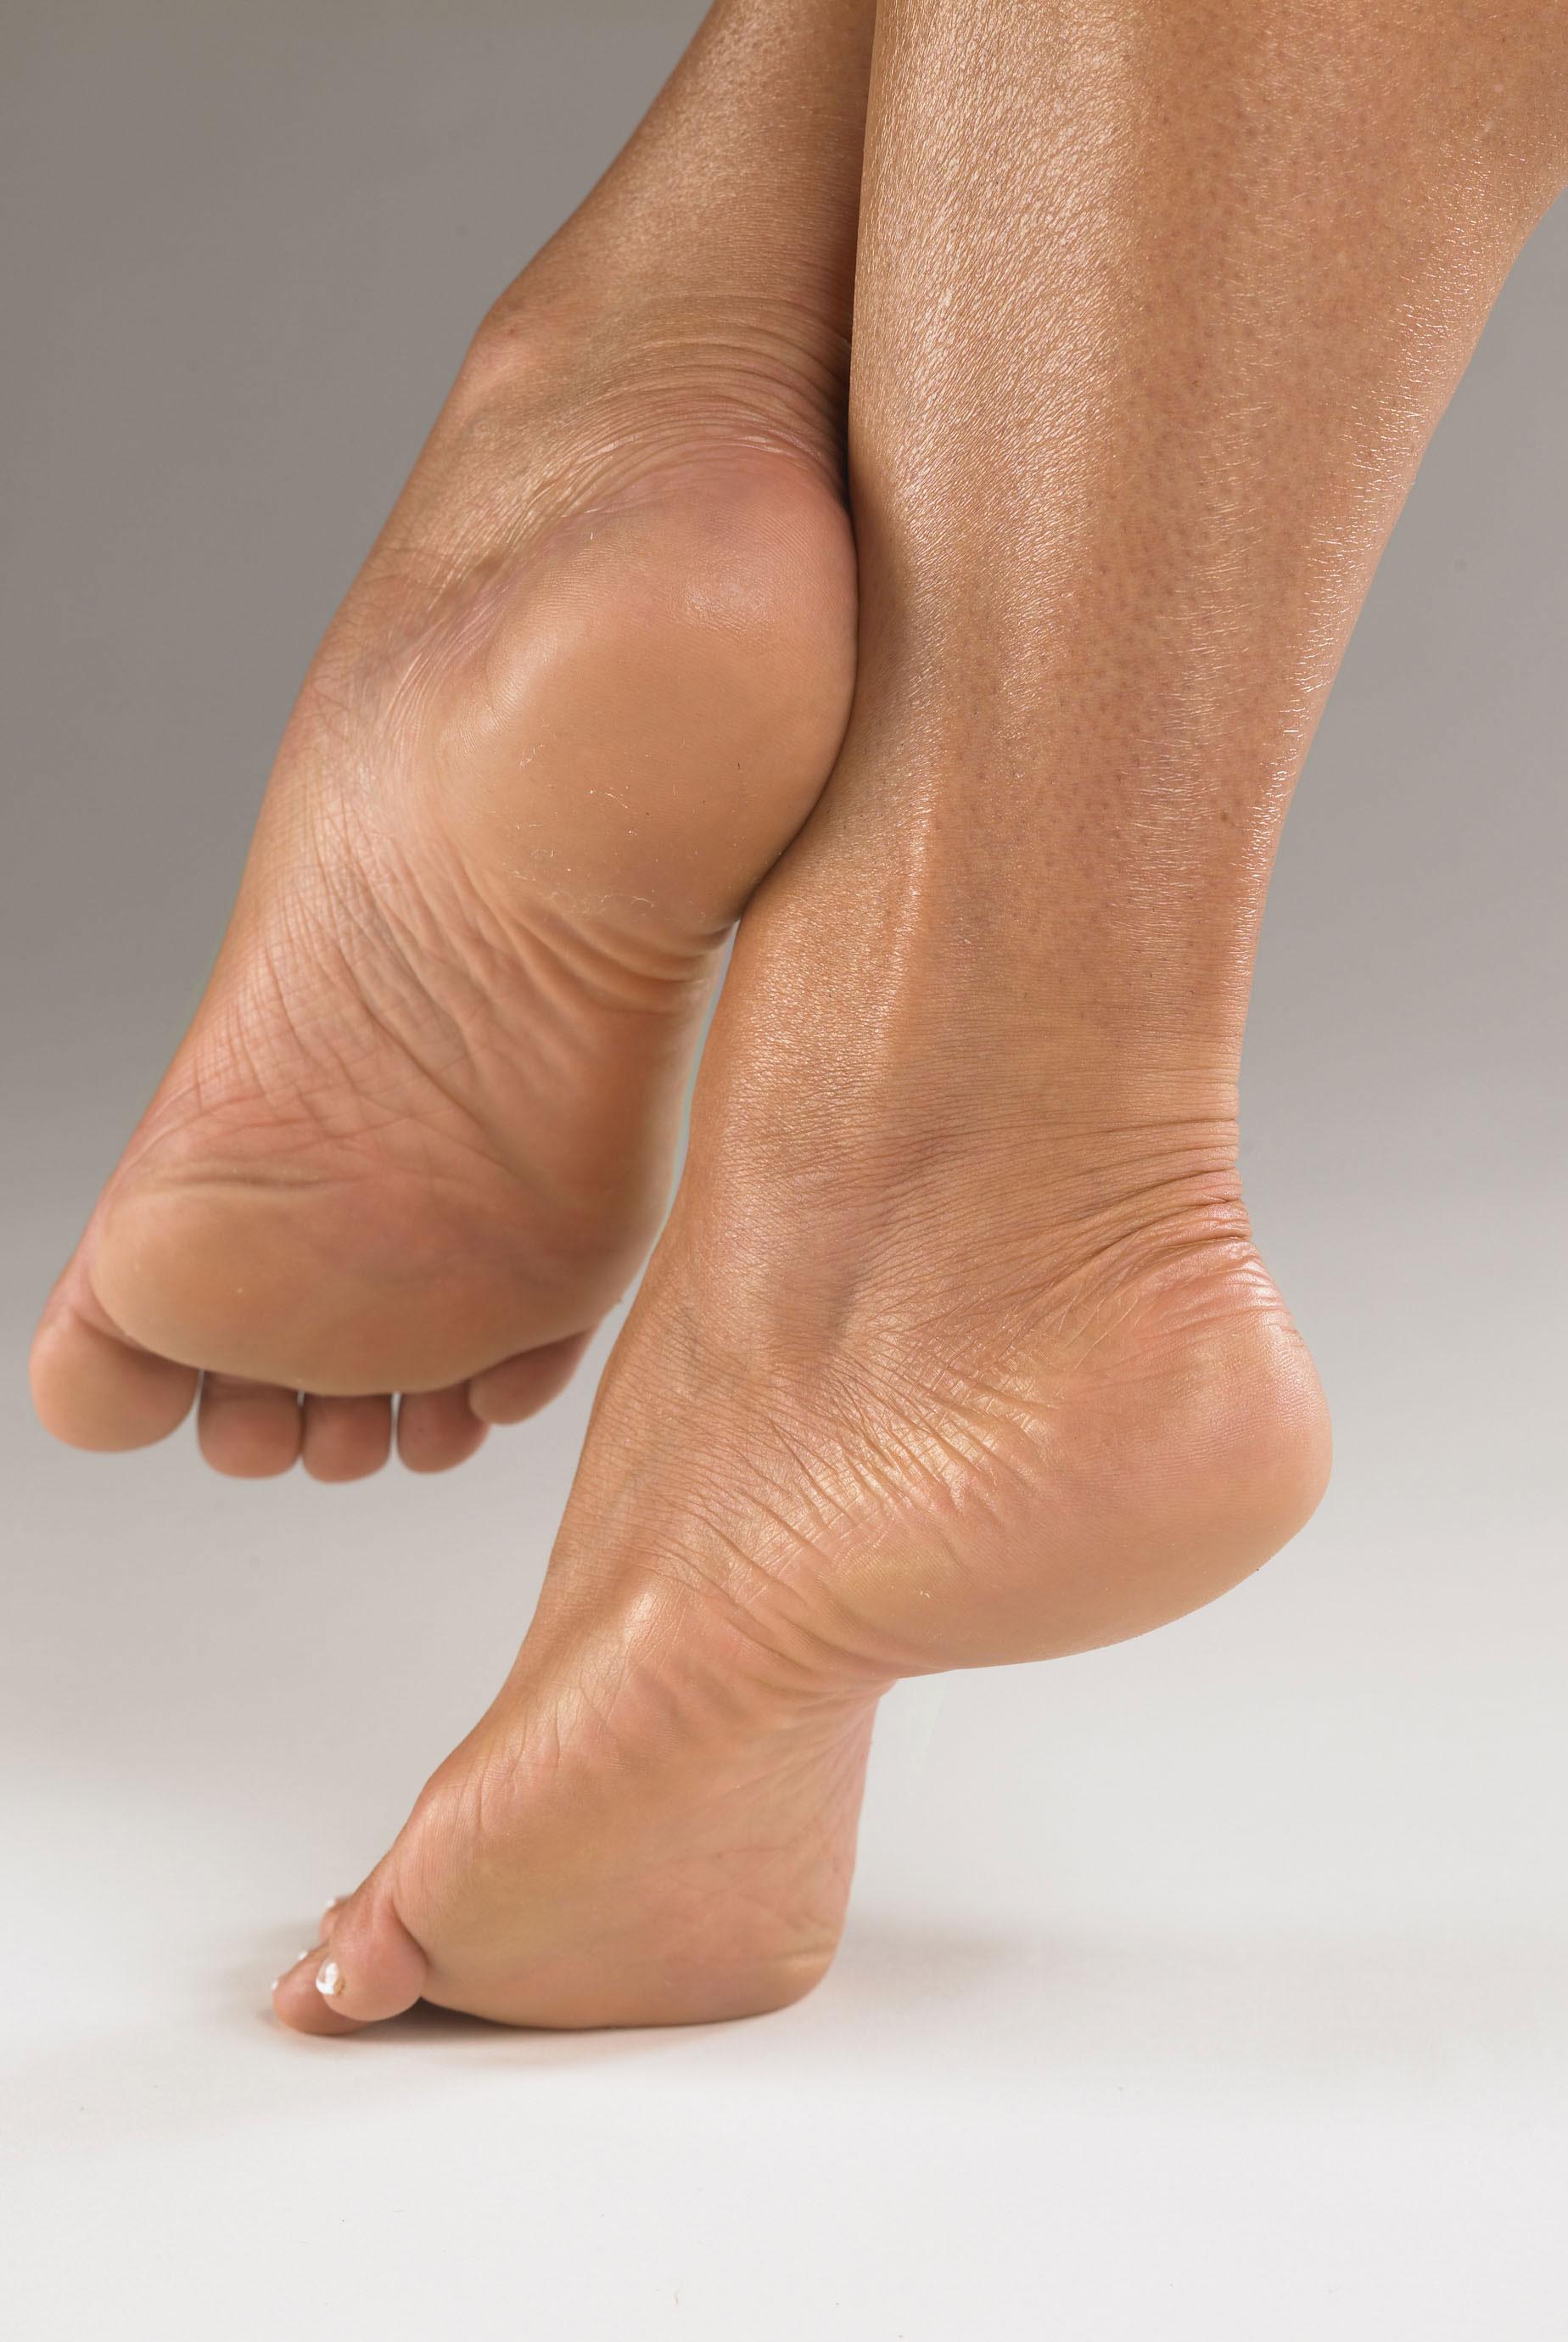 Фото ступней ног 5 фотография